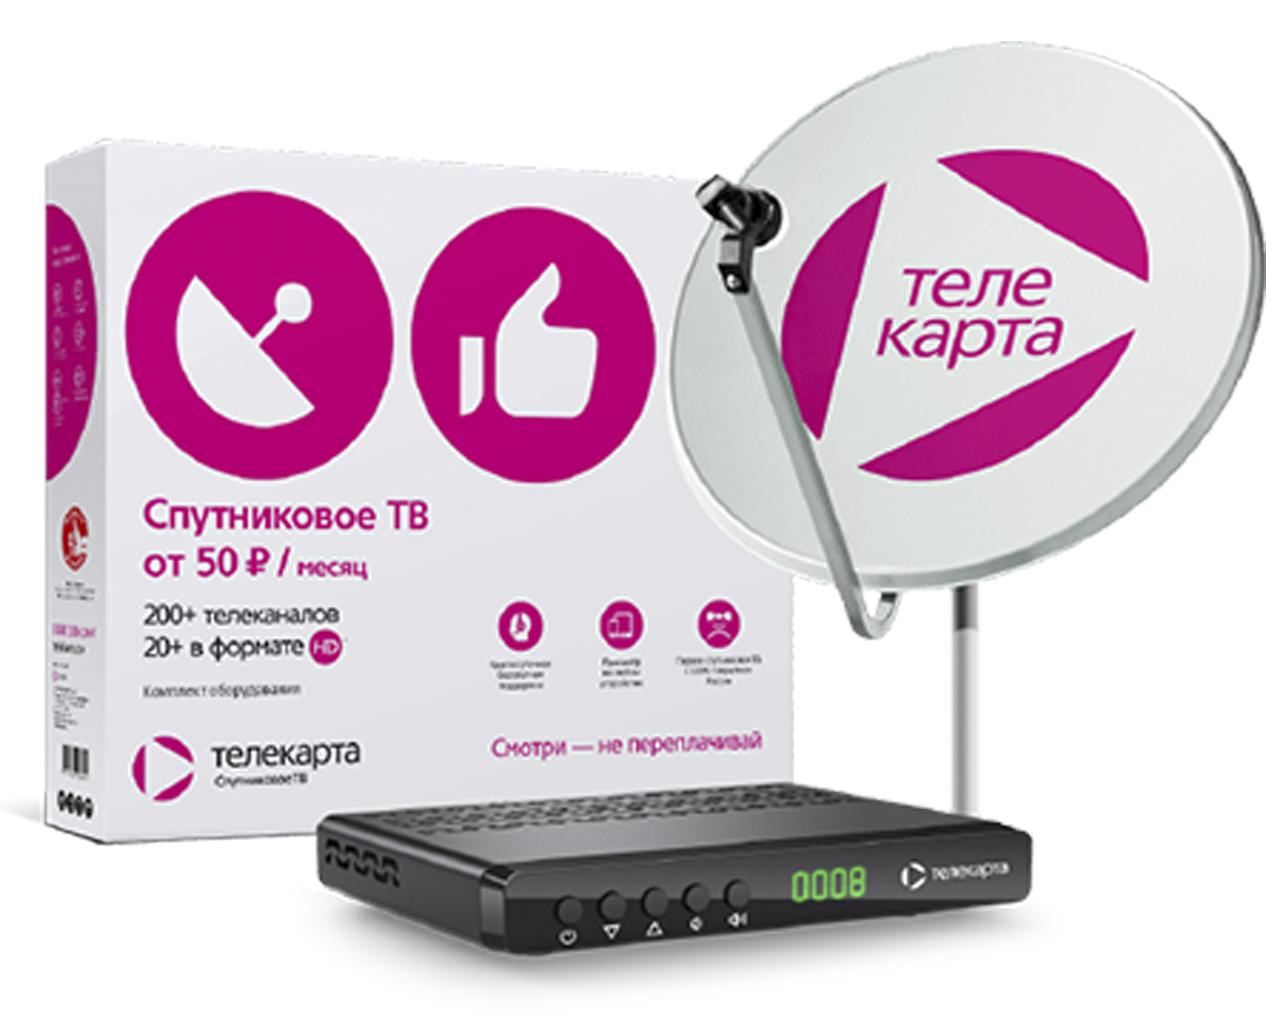 Комплект Телекарта ТВ